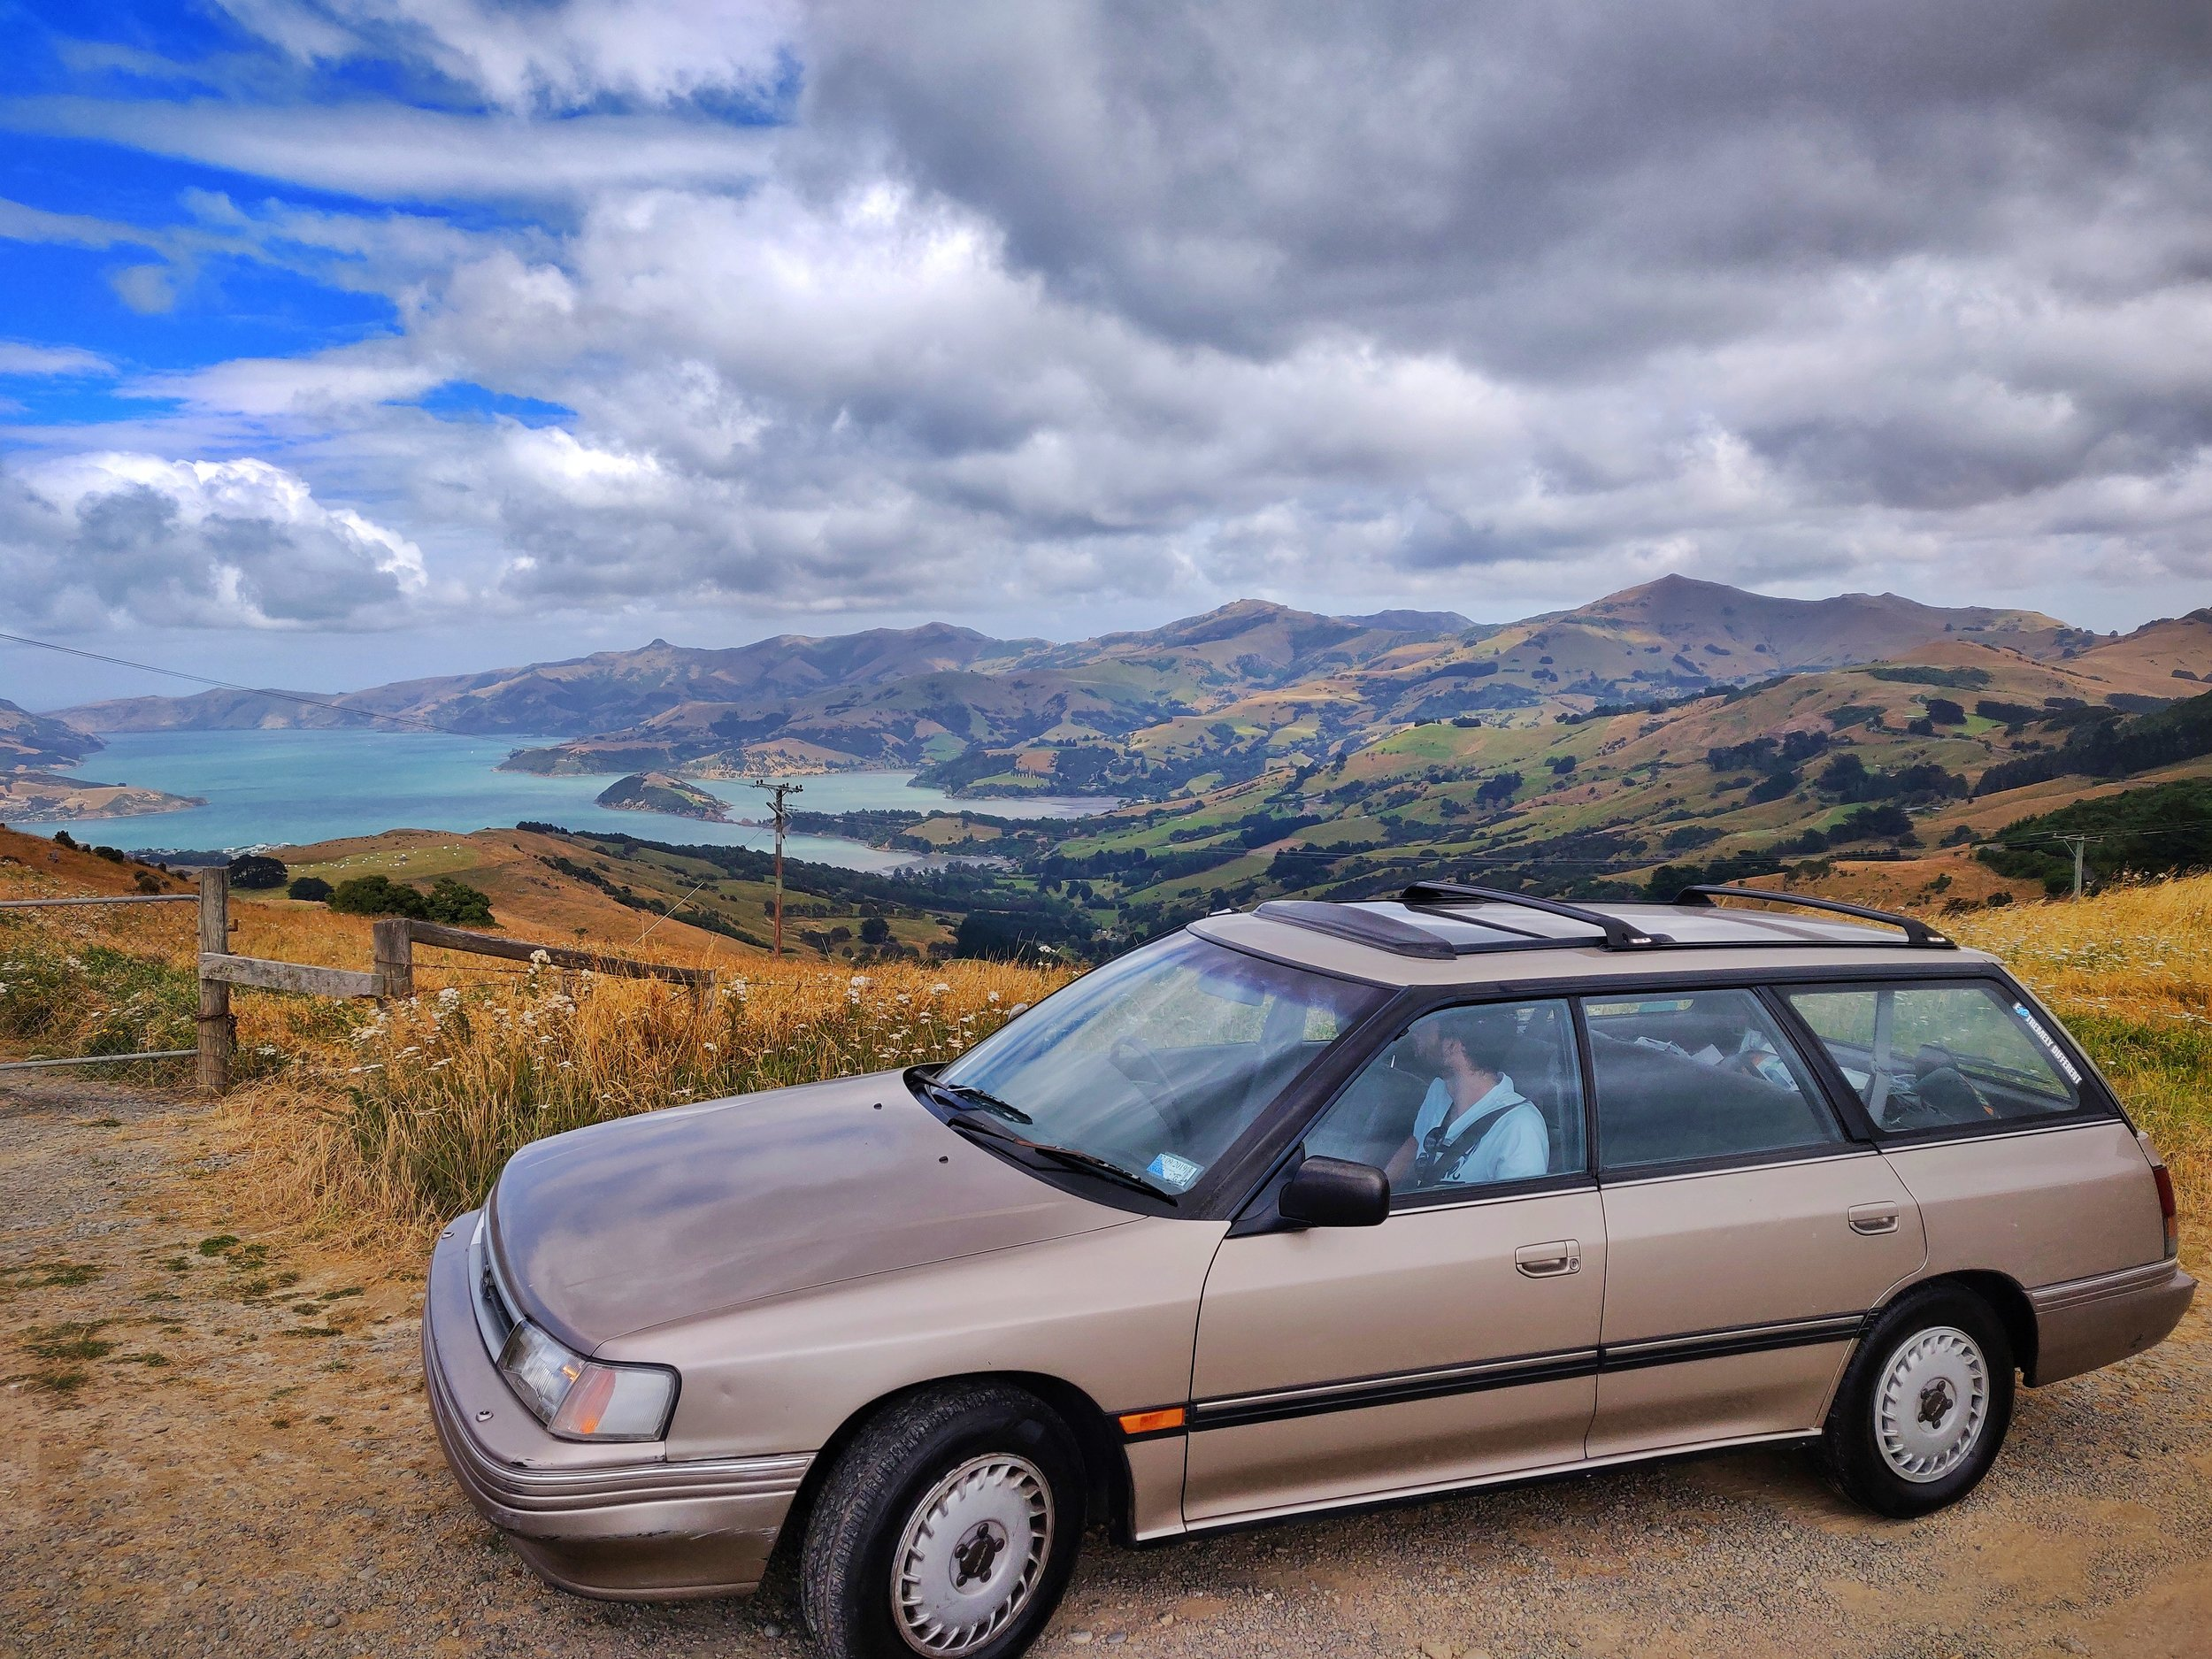 Our 1990 Subaru